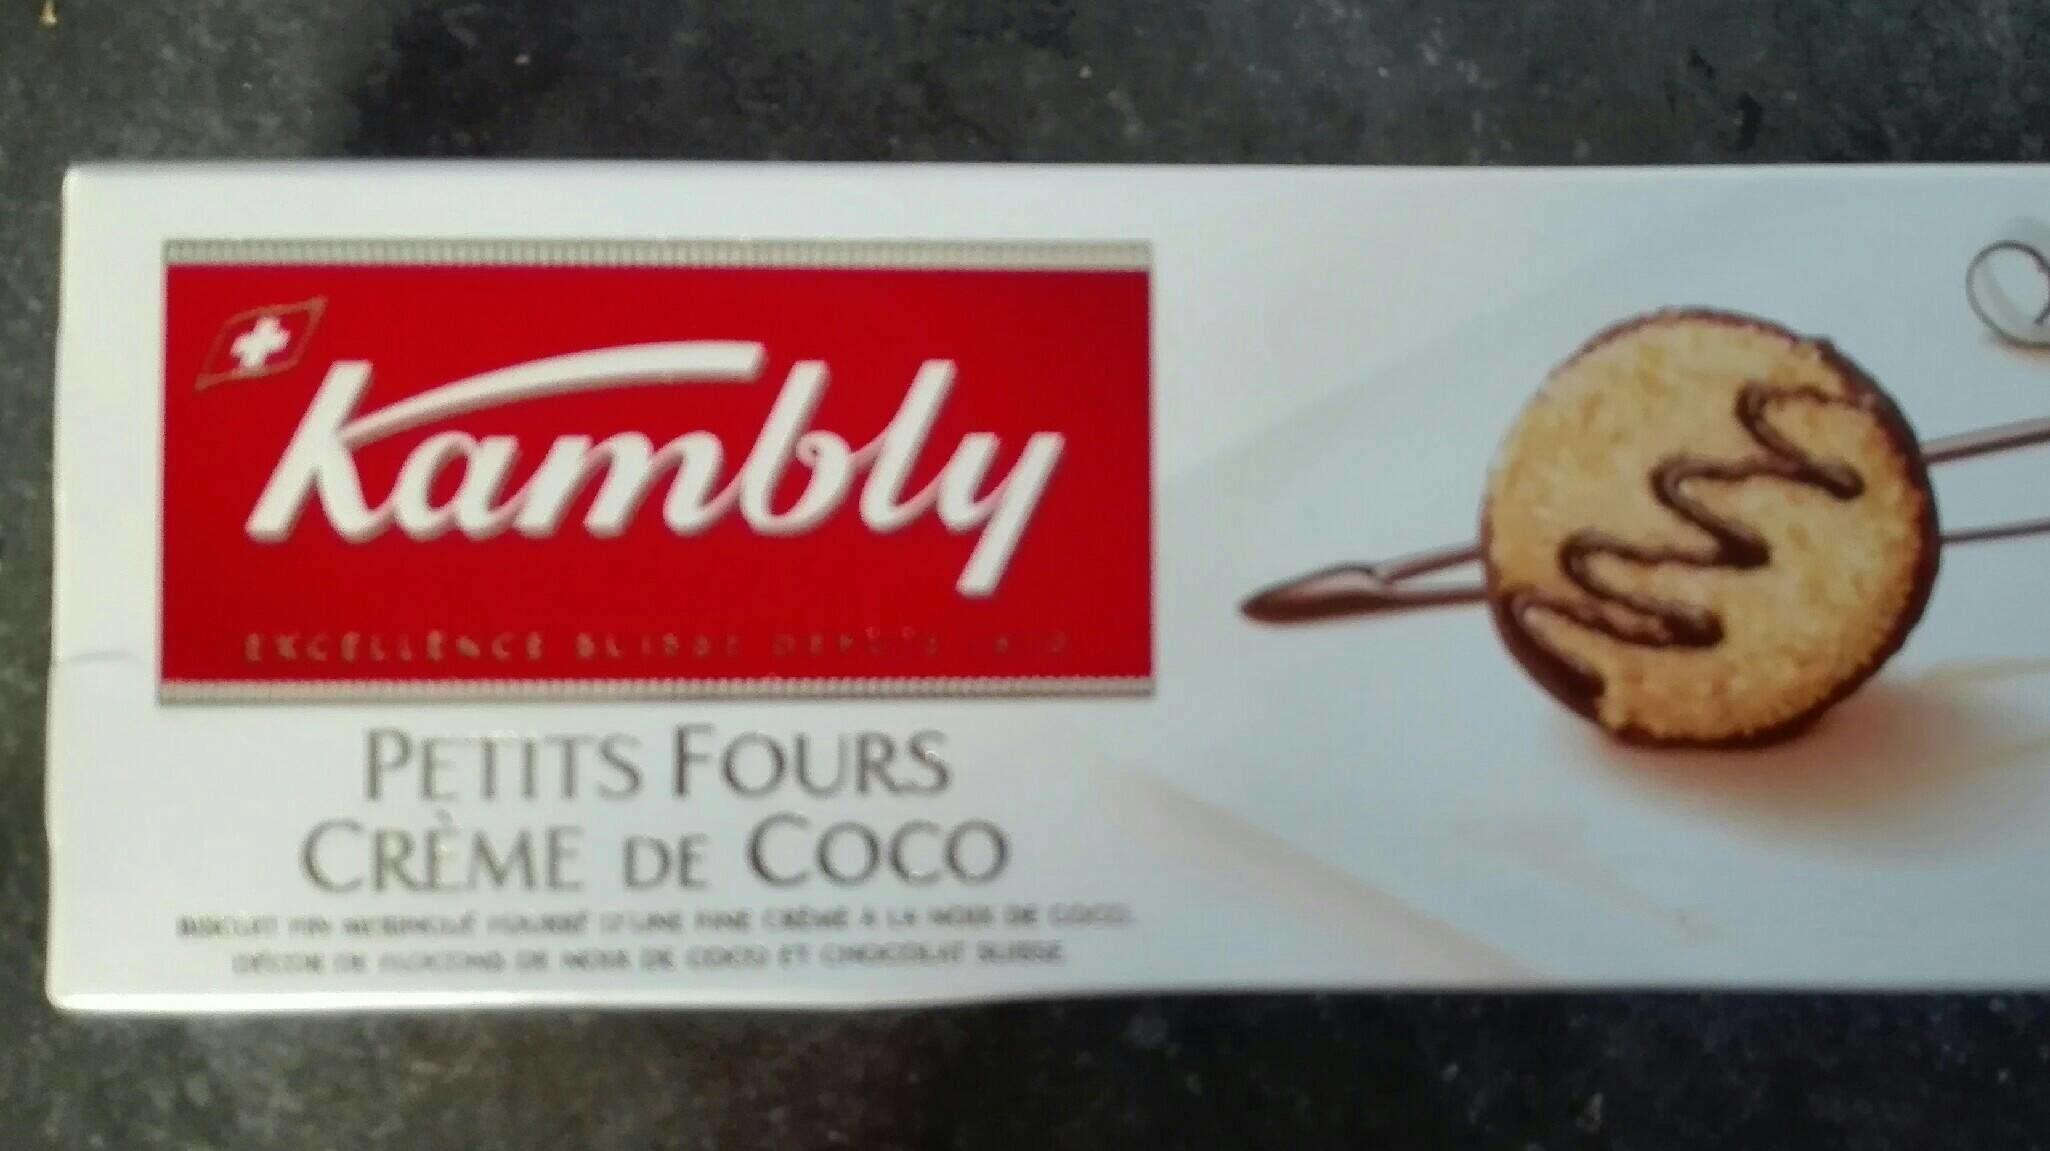 Petits fours crème de coco - Product